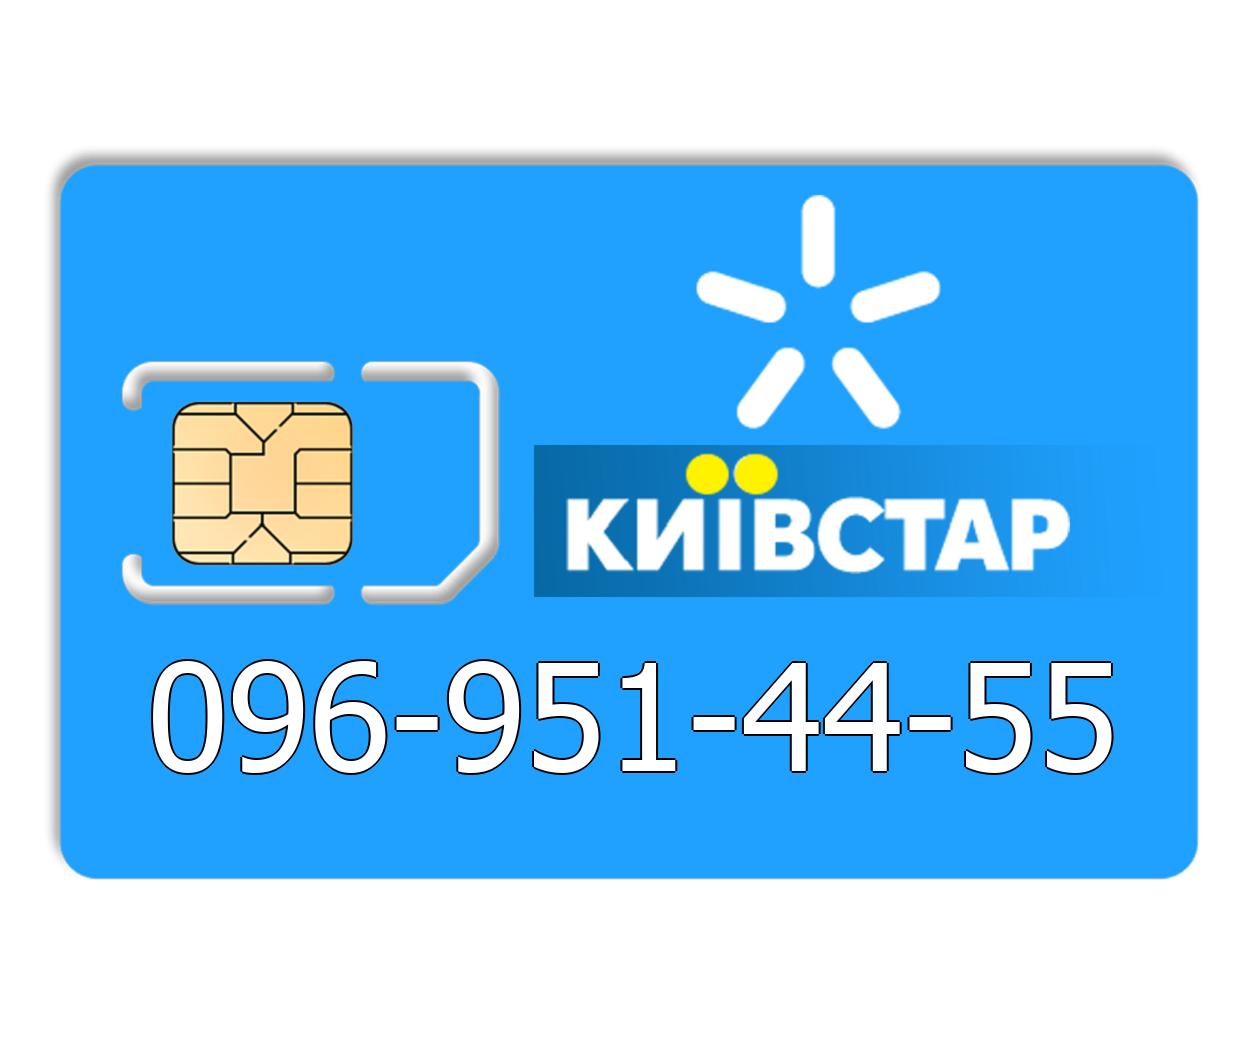 Красивый номер Киевстар 096-951-44-55